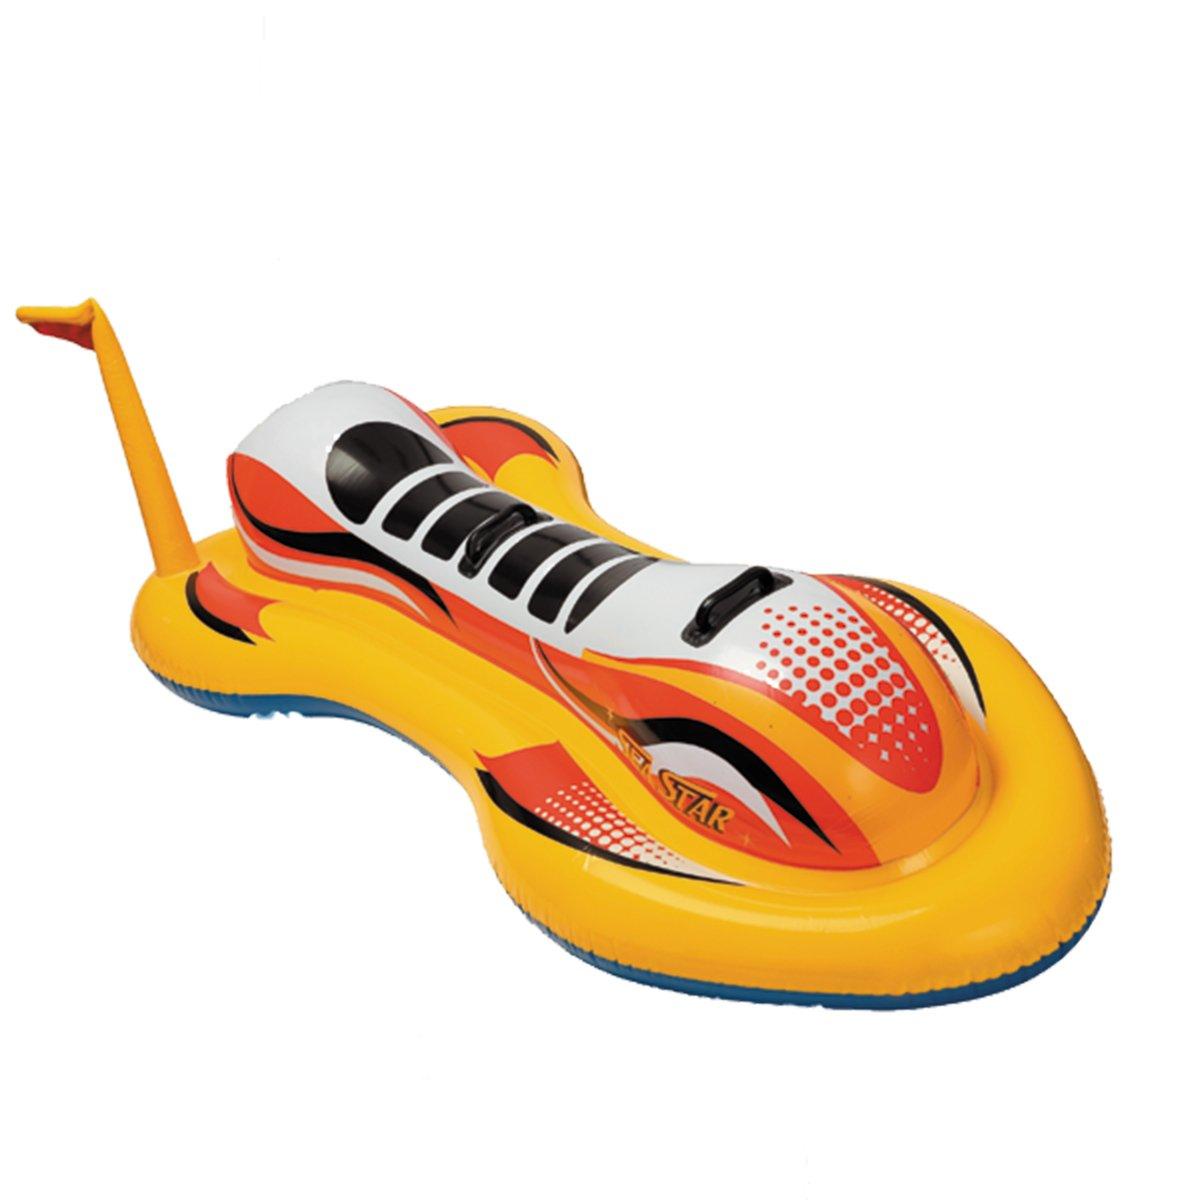 Intex WaterscooterB000OV0X3ESandspielzeugSchön | Bequeme Berührung